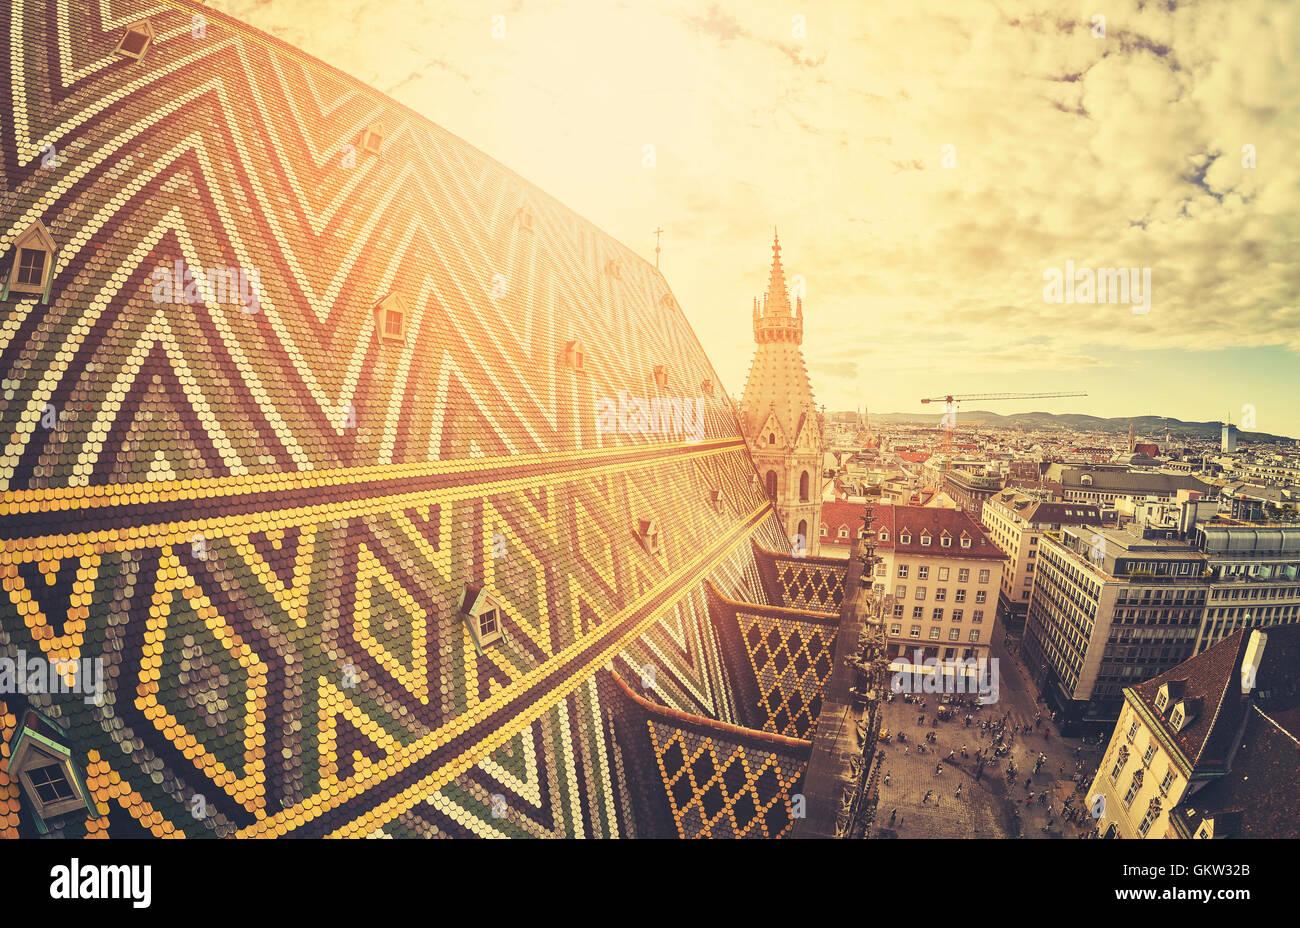 Objectif fisheye stylisé rétro photo de Vienne au coucher du soleil, vue depuis la tour nord de la cathédrale Photo Stock